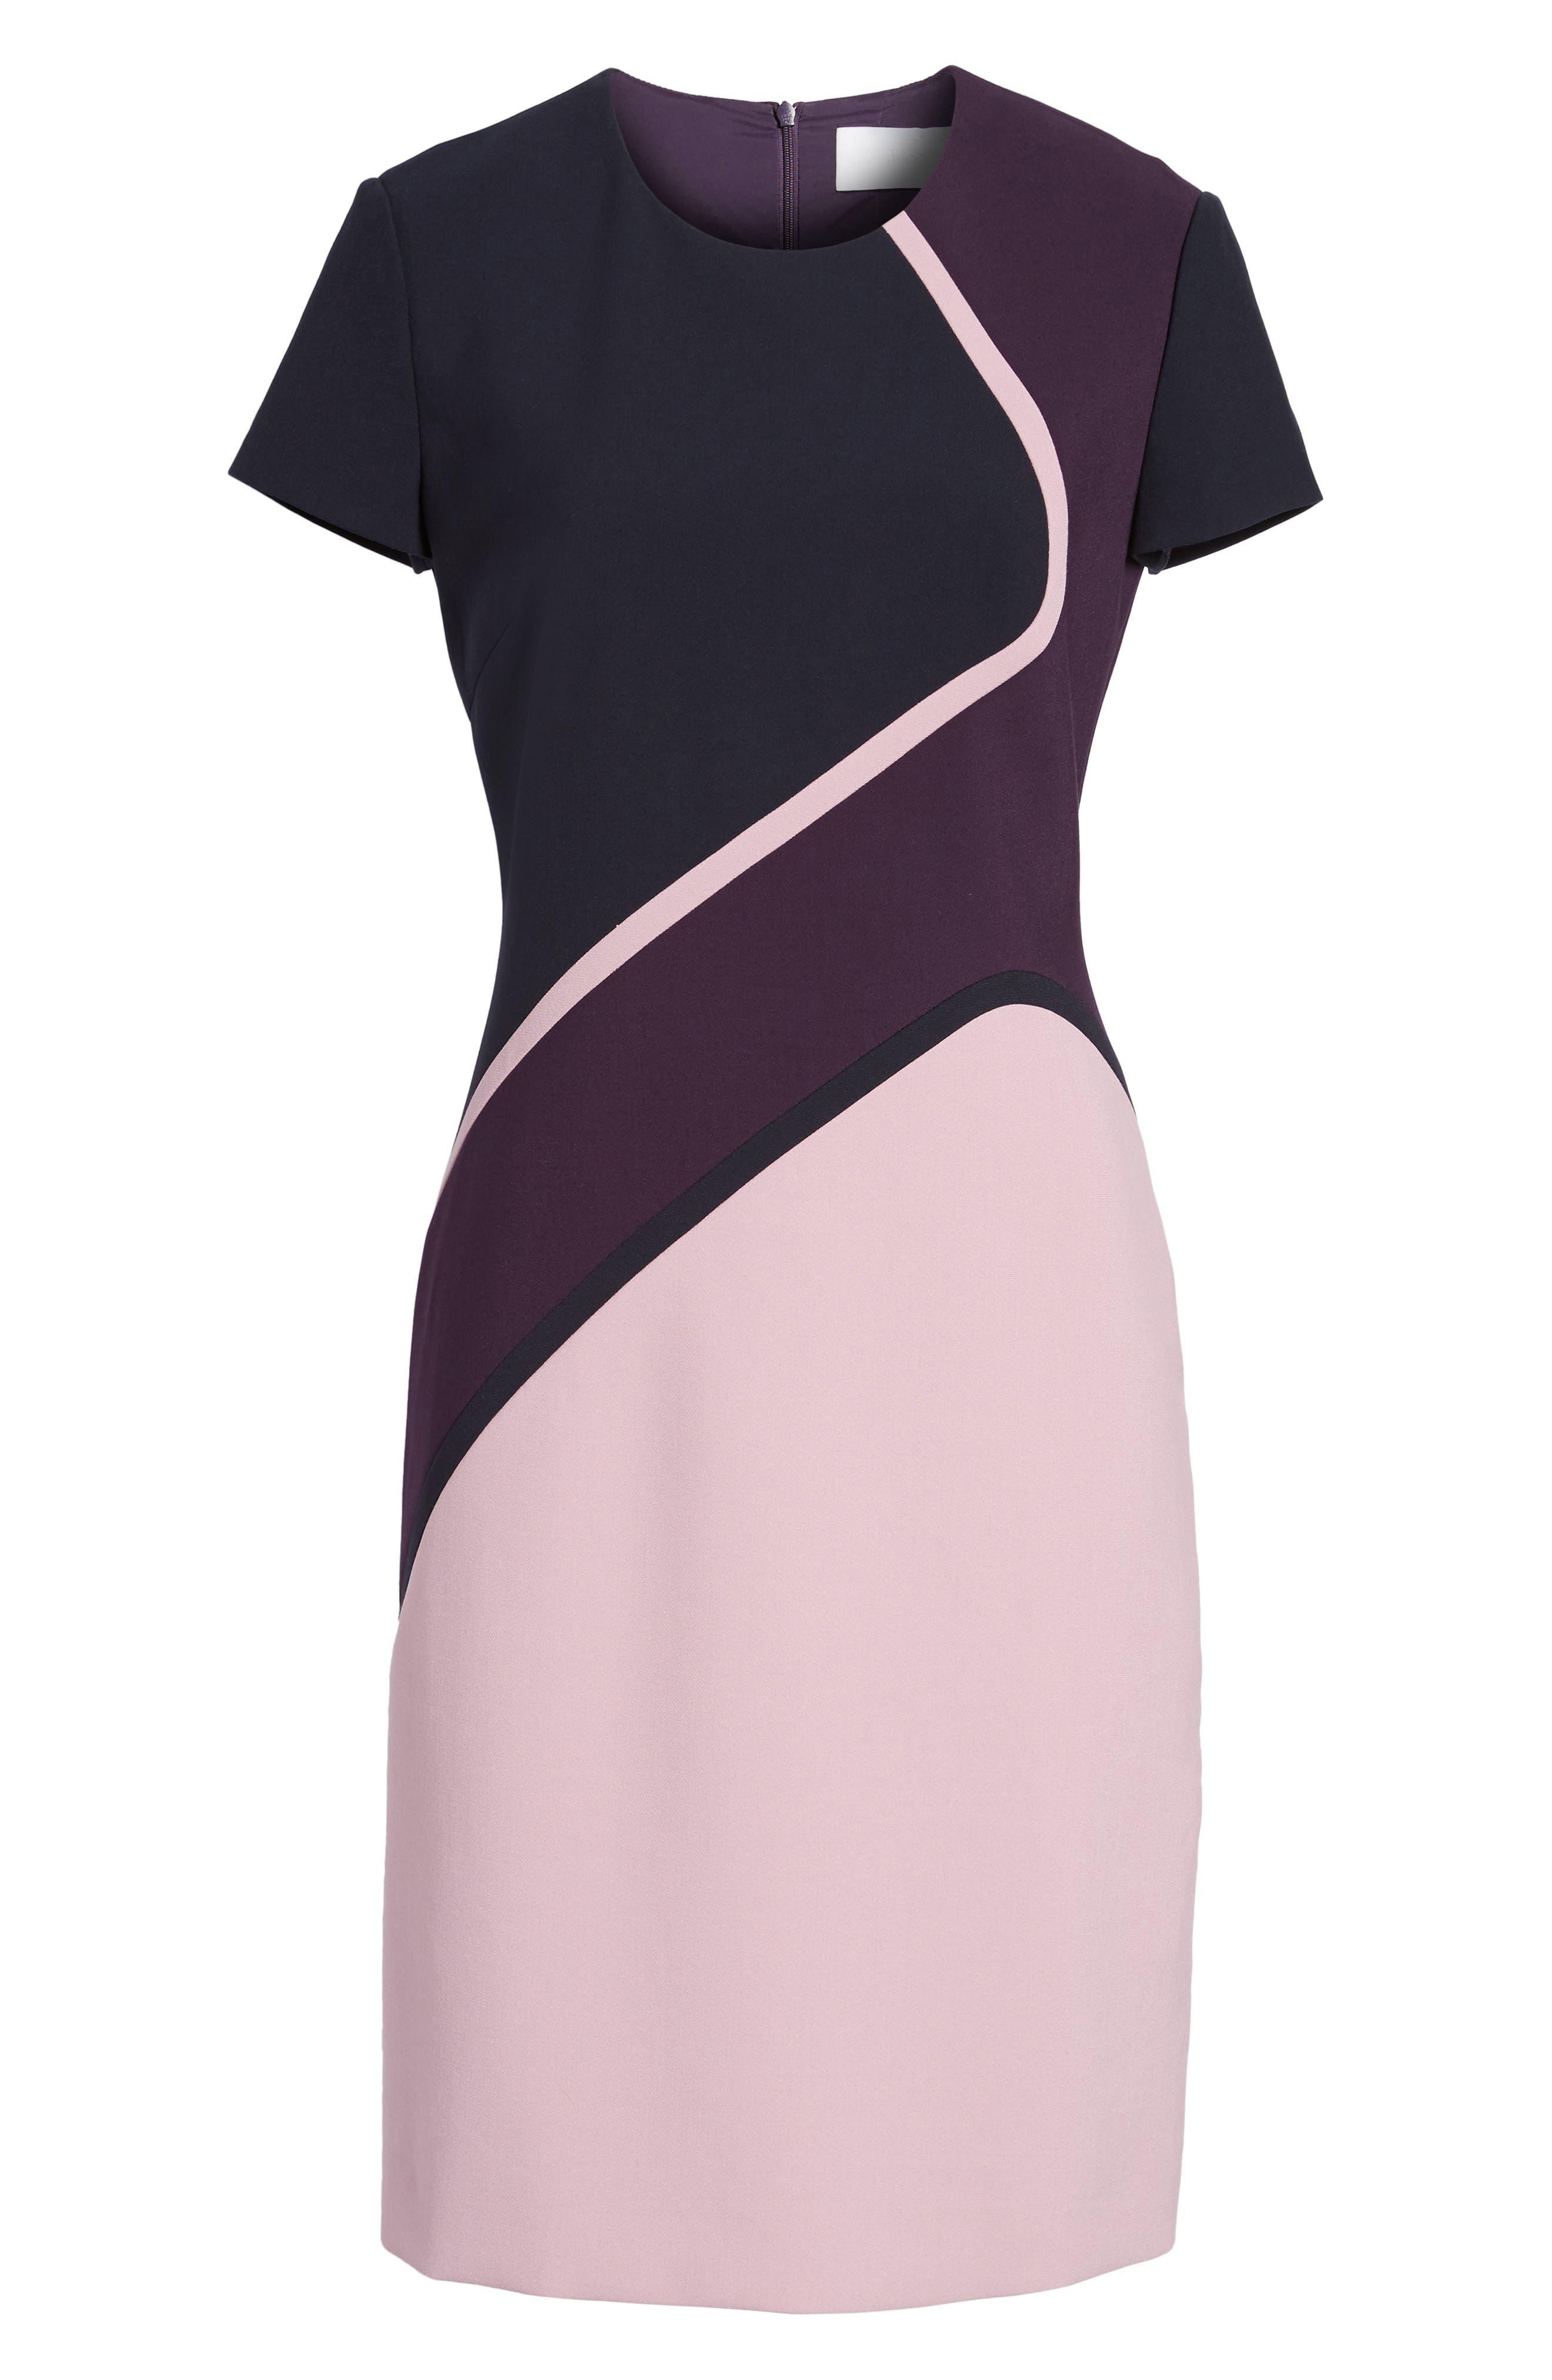 Dukatia Colorblock Sheath Dress,                             Alternate thumbnail 6, color,                             502